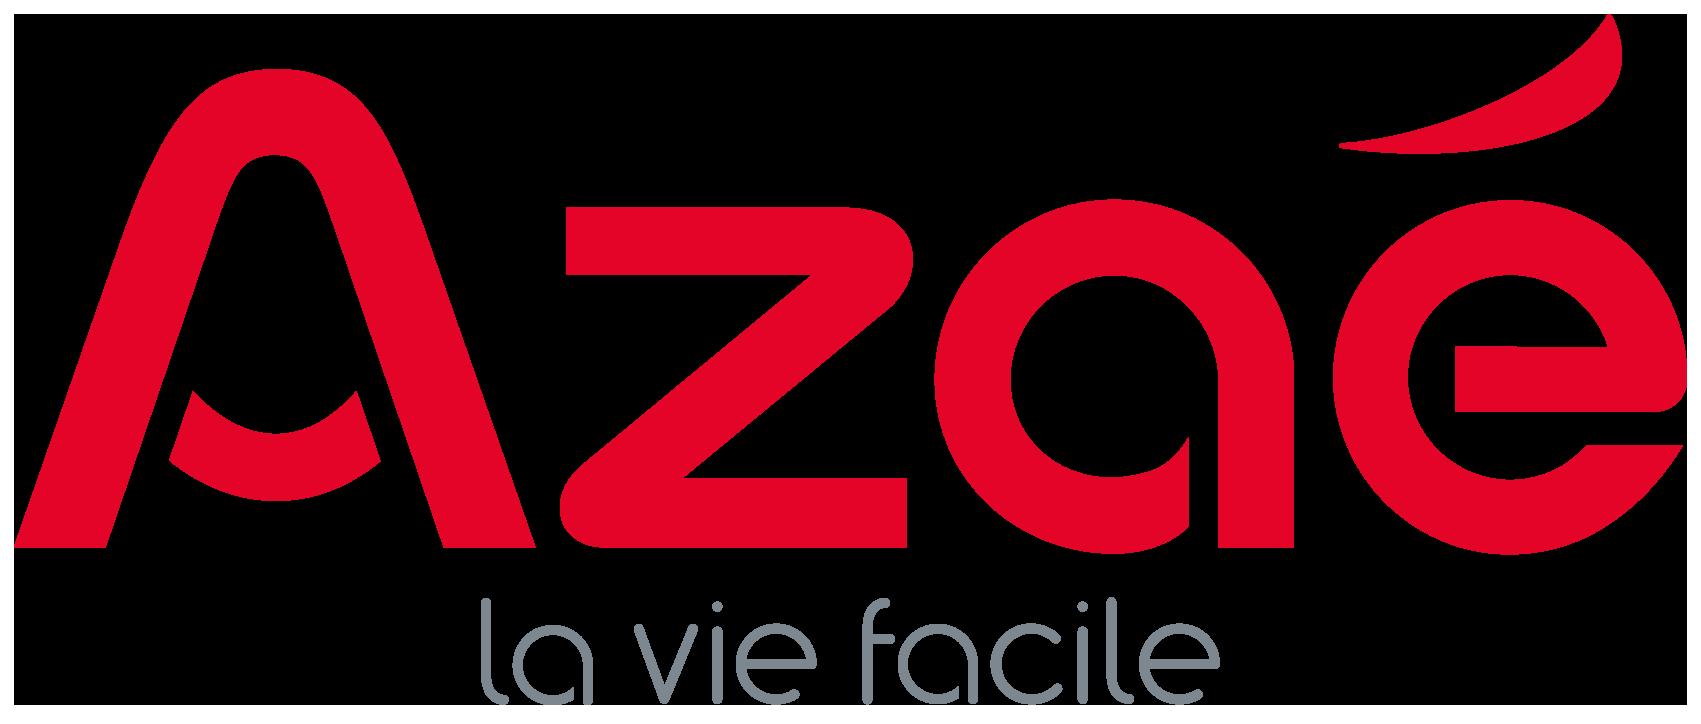 Azaé Lille Centre - Aide à domicile et femme de ménage services, aide à domicile